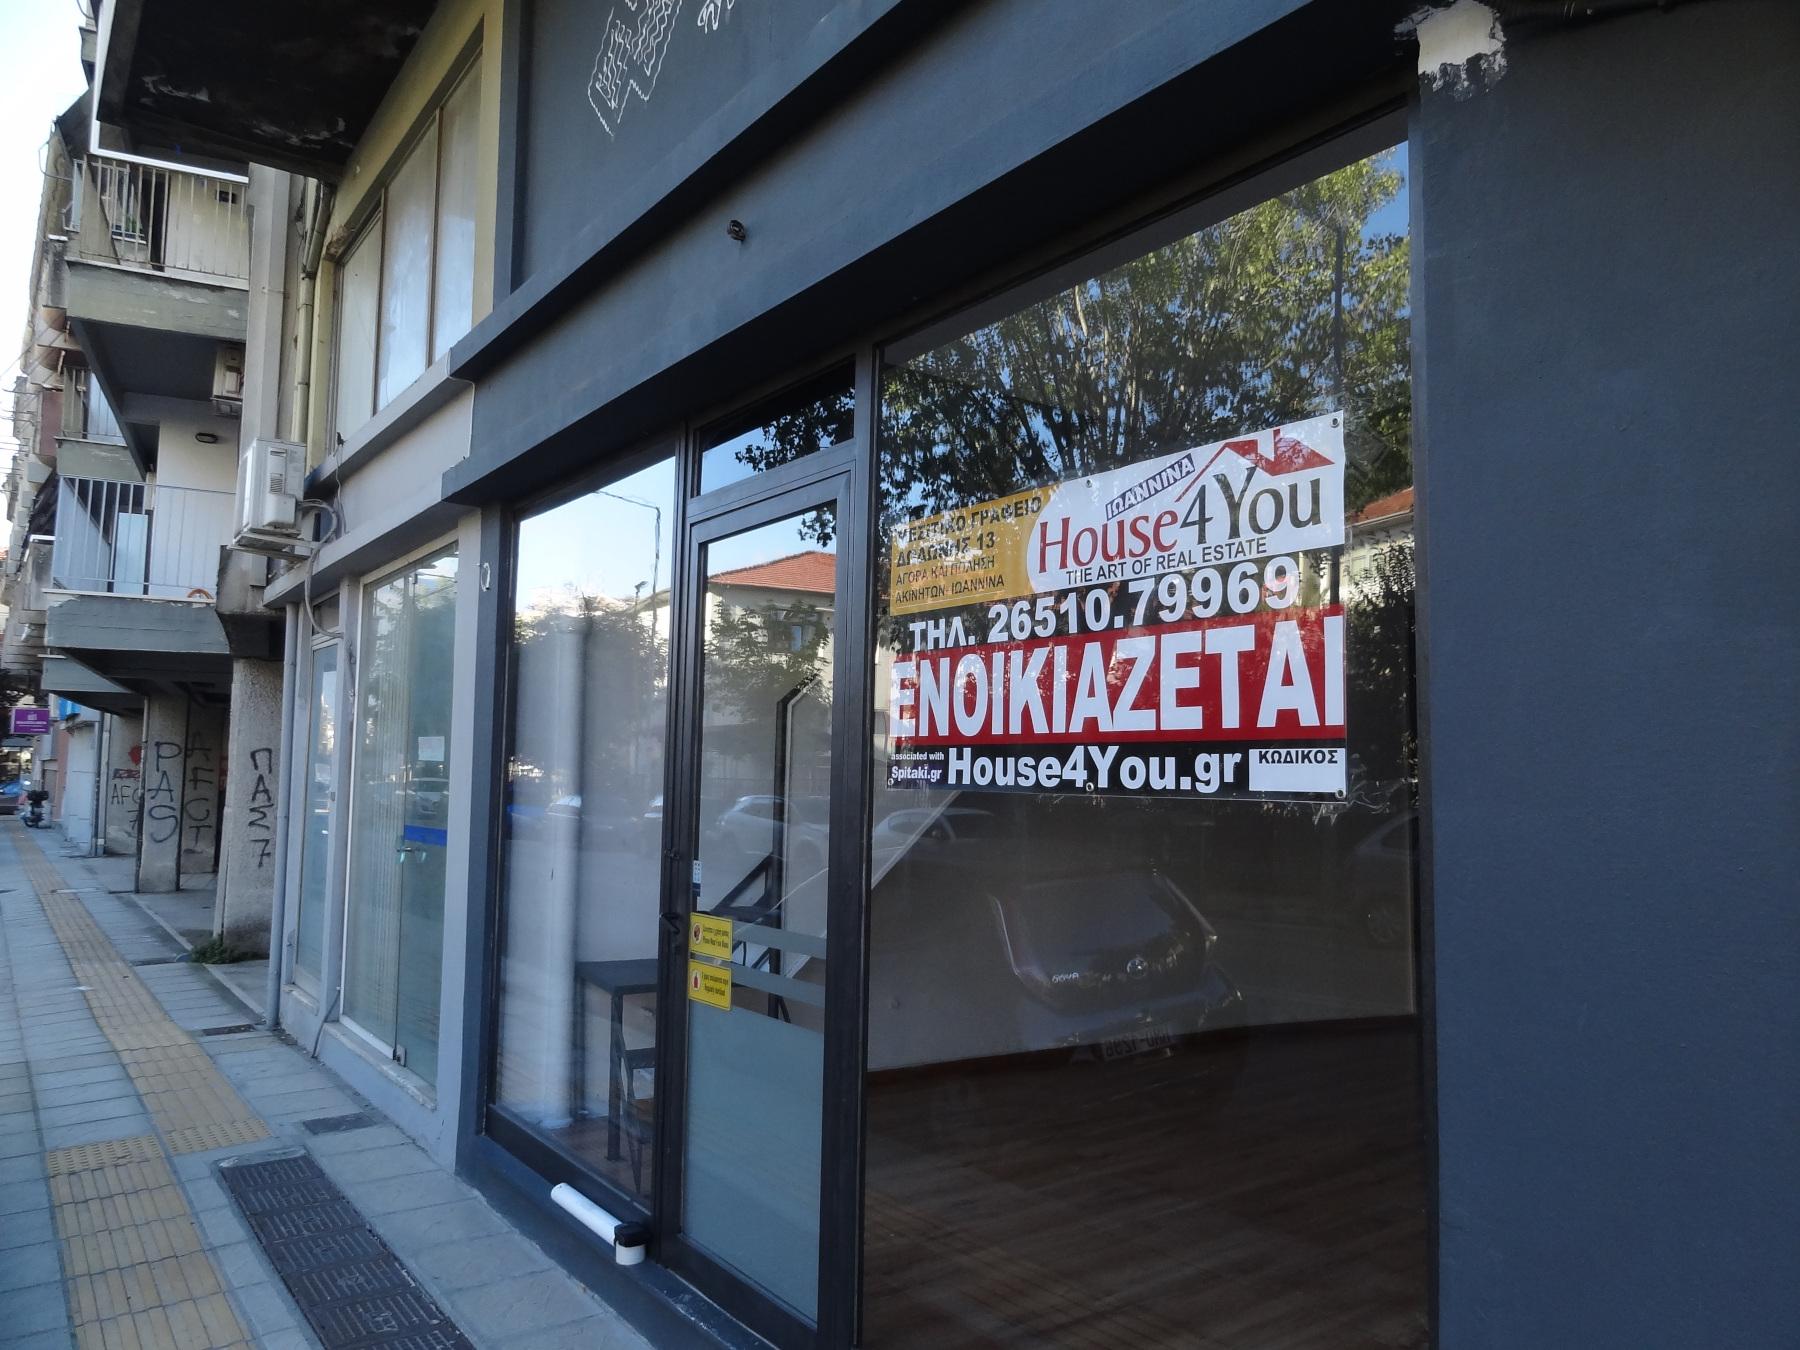 Ενοικιάζεται επαγγελματικός χώρος 22 τμ. στην οδό Σουλίου 55 στα Ιωάννινα.